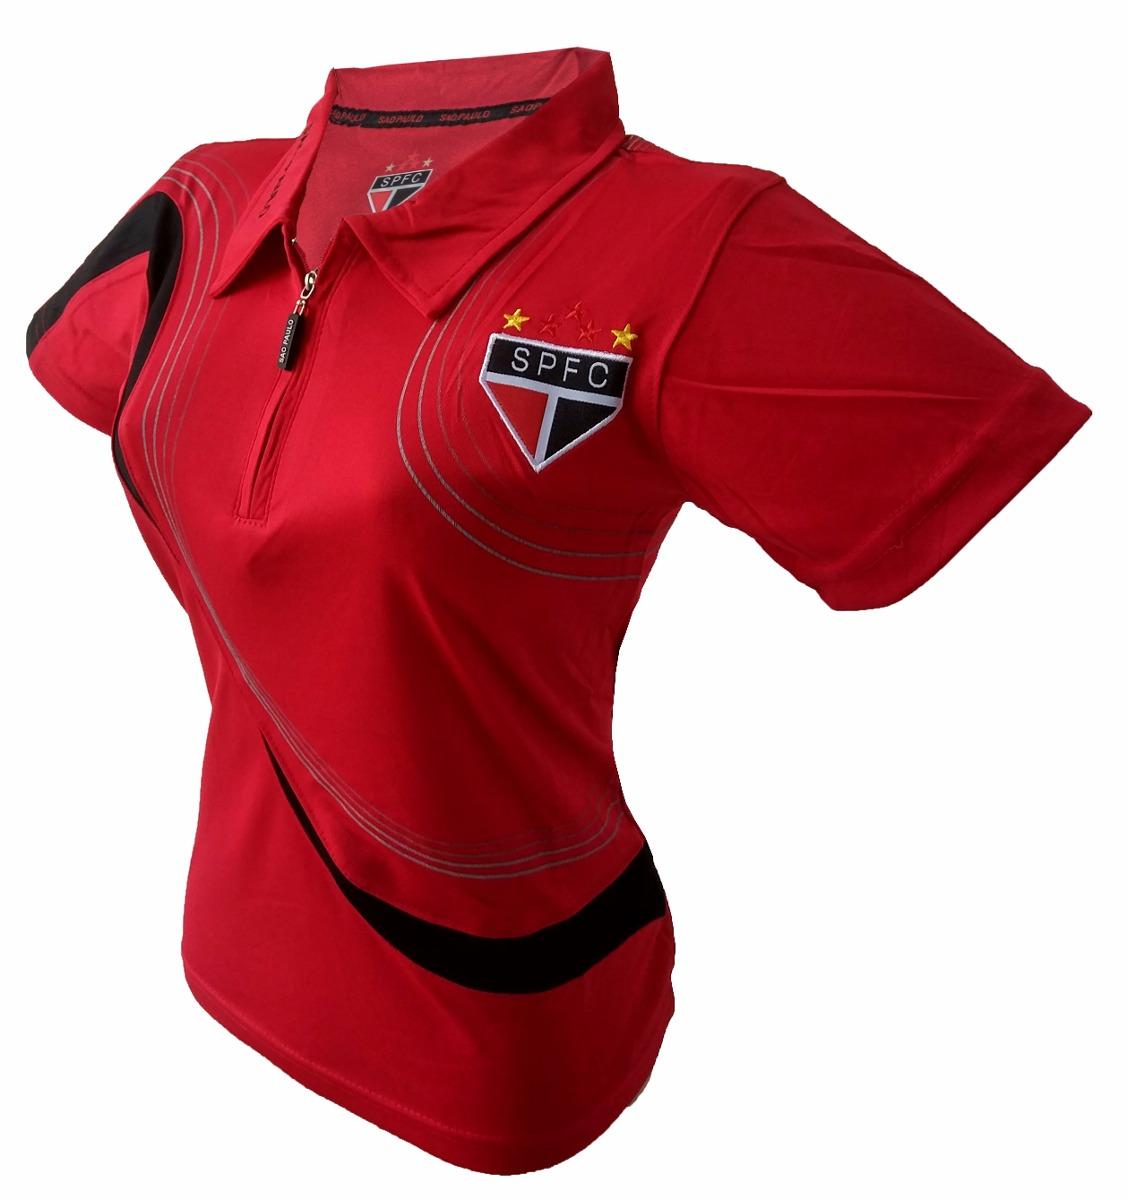 6e0a4ee8081c7b  Camisa Feminina São Paulo Oficial Baby Look -promoção - R  49 bb7c6696896bc